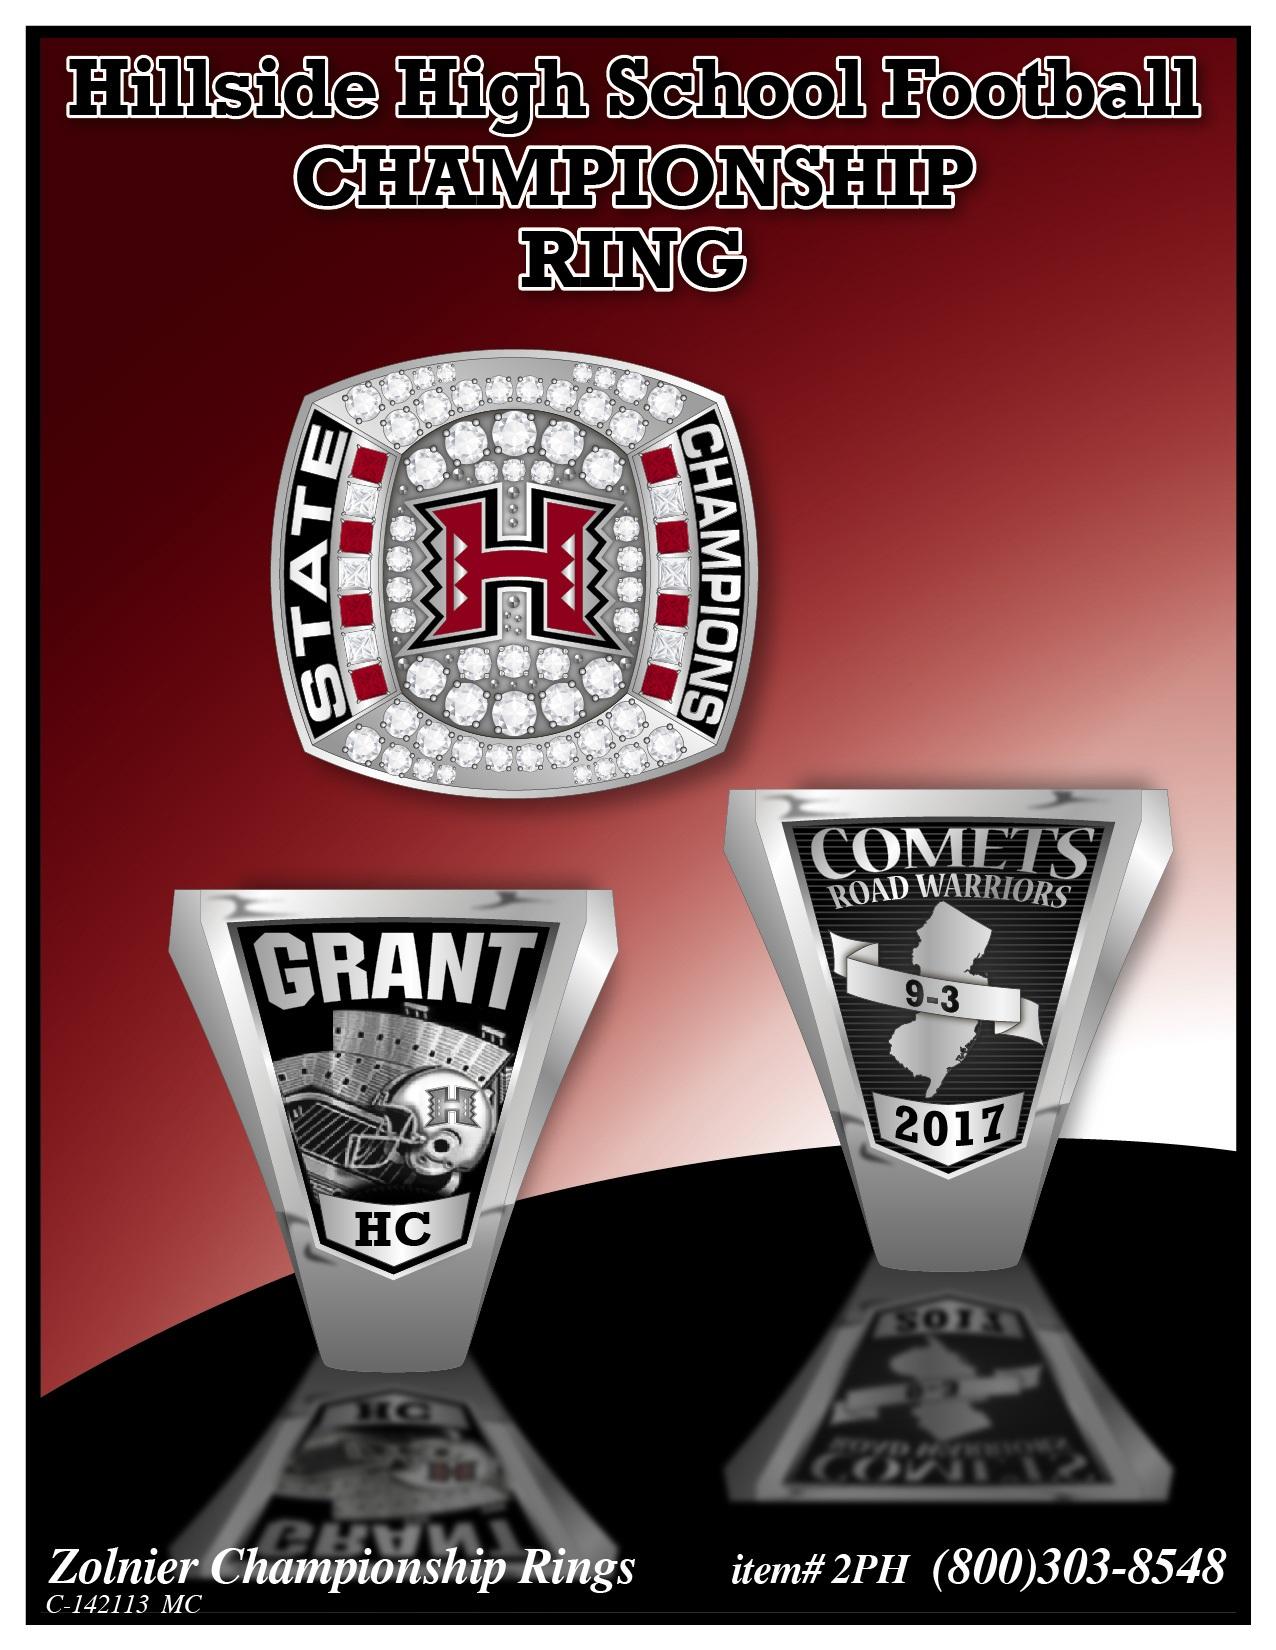 C-142113 Hillside HS Football Champ Ring